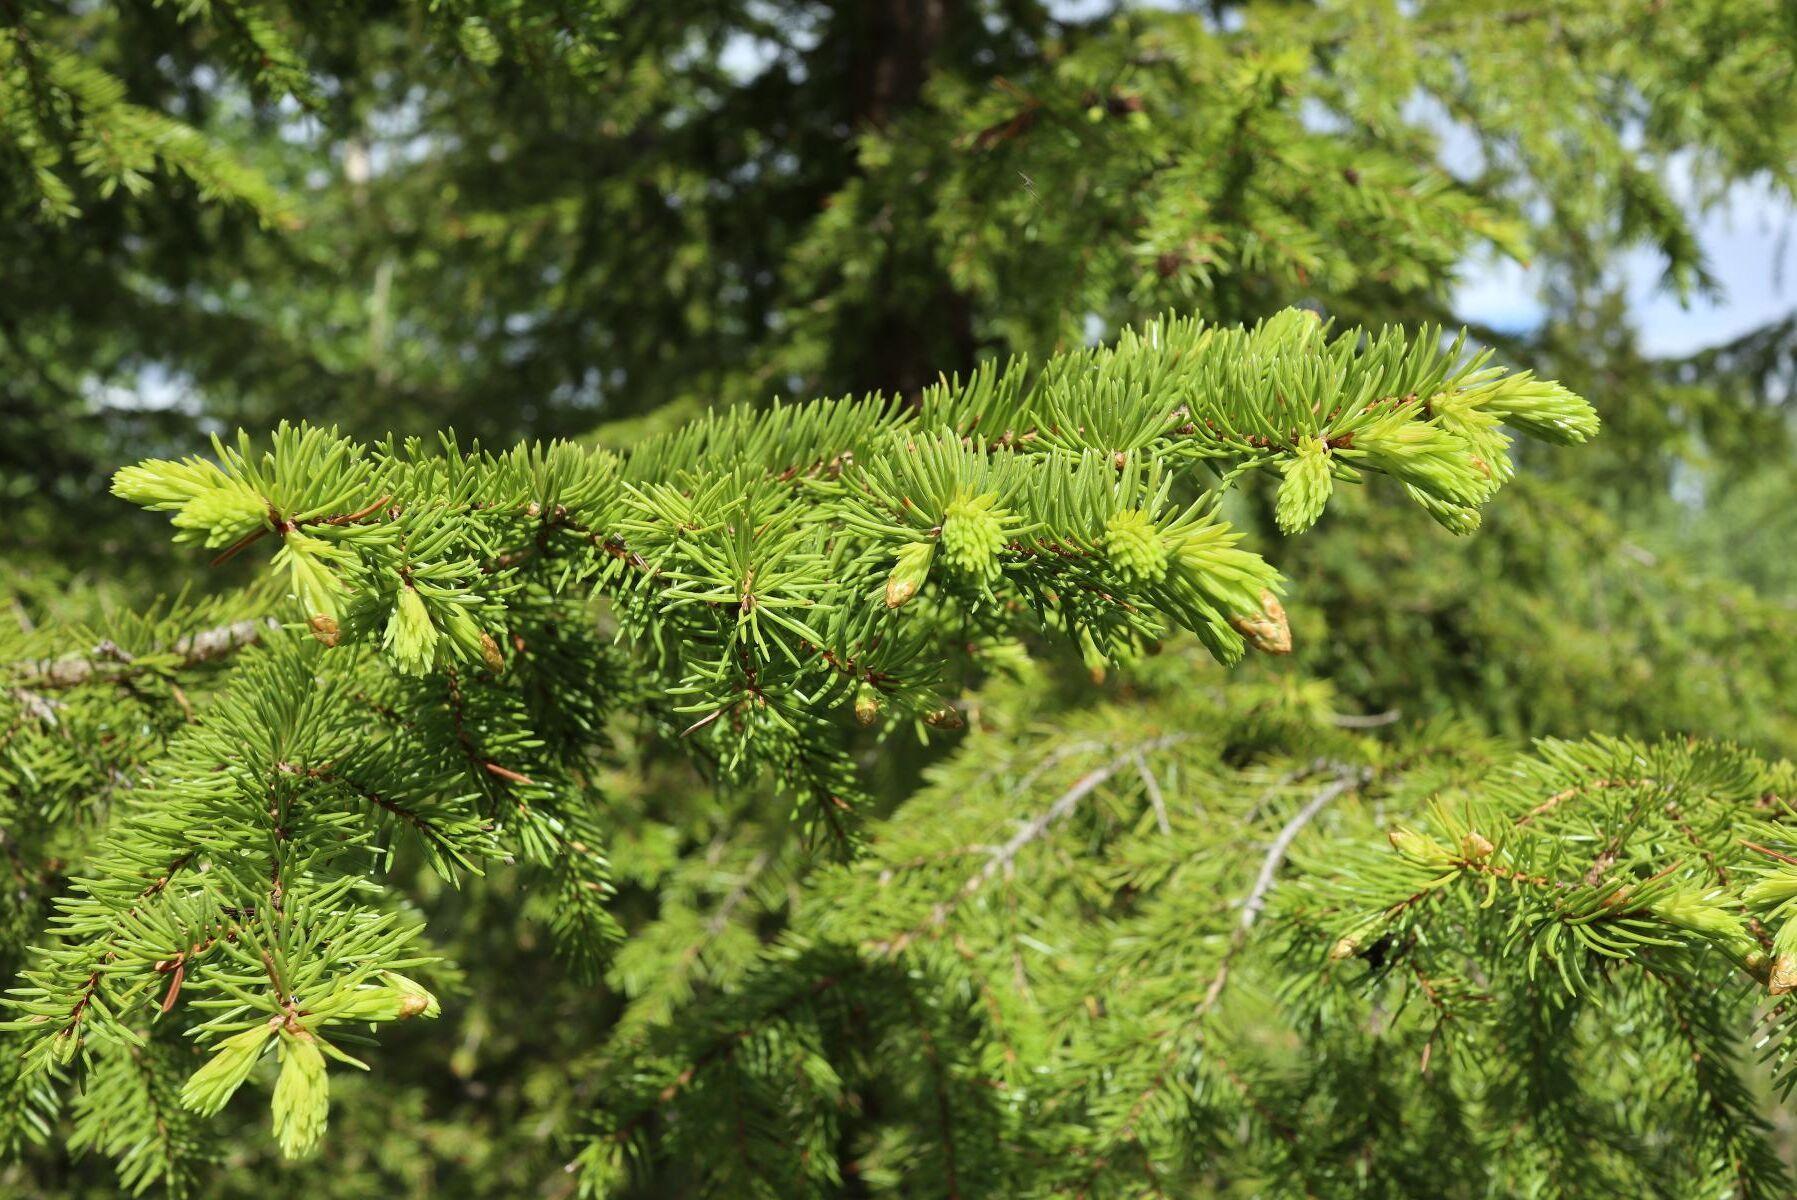 Den genetiska variationen i granskogar skiljer sig inte nämnvärt mellan unga planterade skogar och äldre granskogar i naturreservat, sisar en ny avhandling.